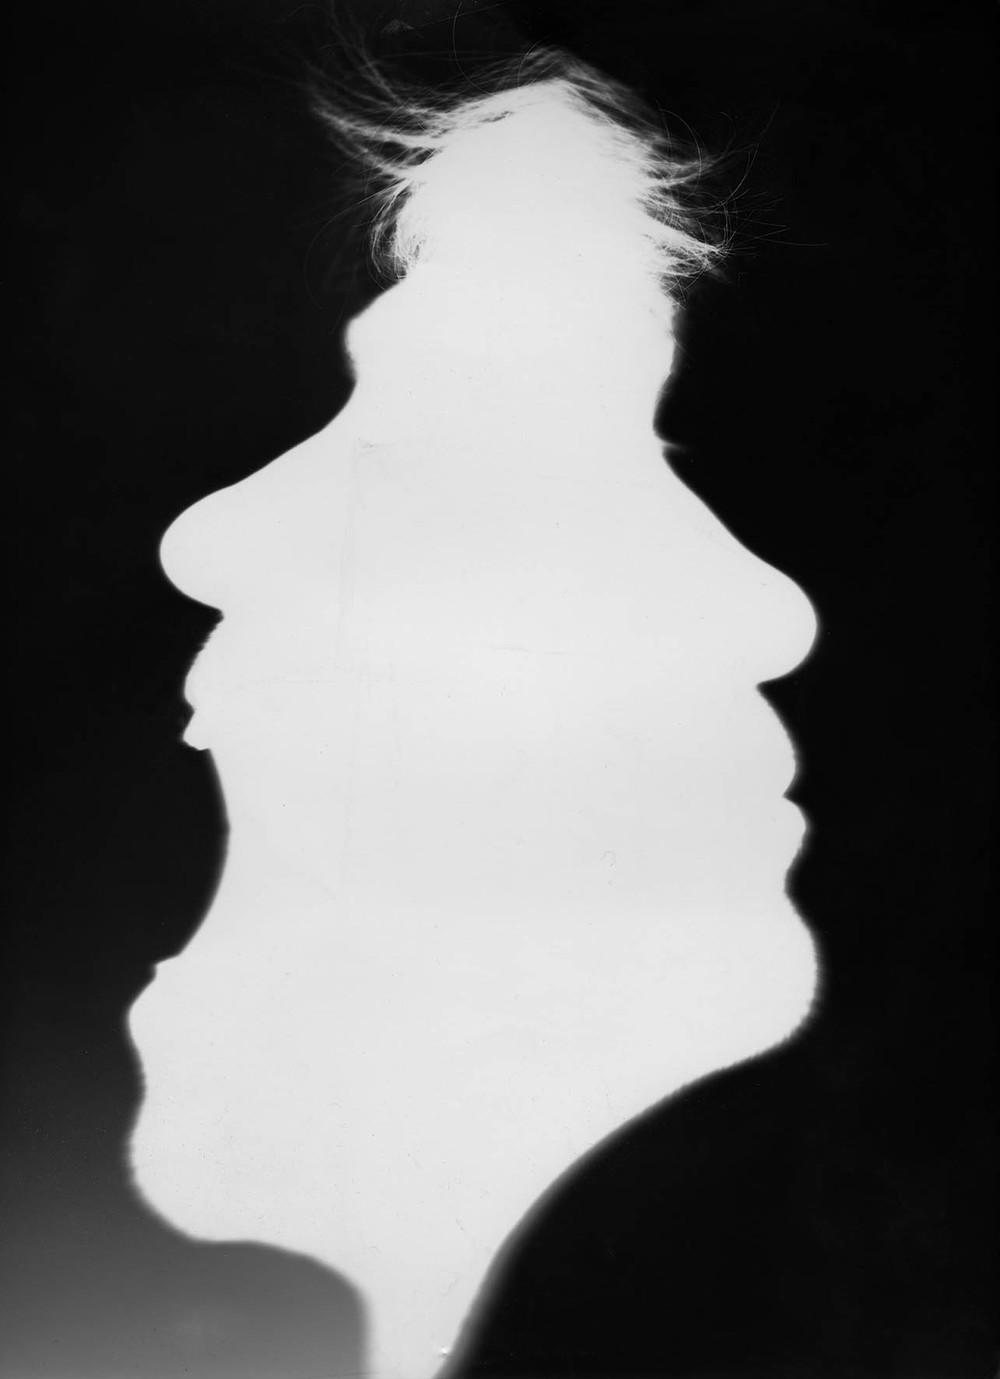 StigMWeston-selvportrettfotogram.jpg